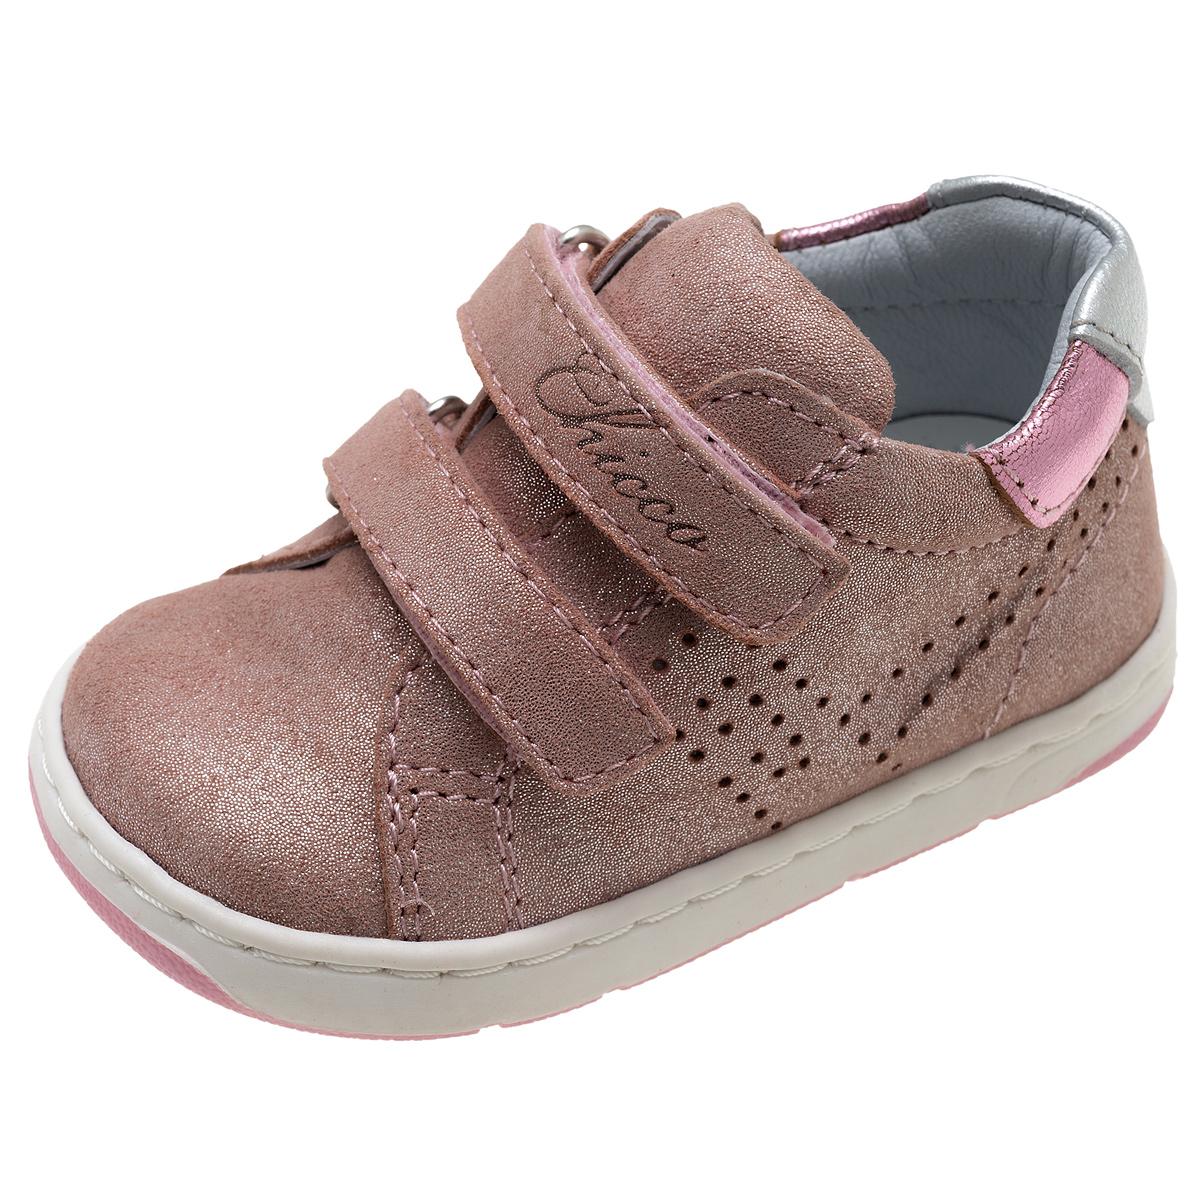 Pantof sport pentru fetite, Chicco Gyron, piele roz cu sclipici, 61536 din categoria Pantofi sport copii